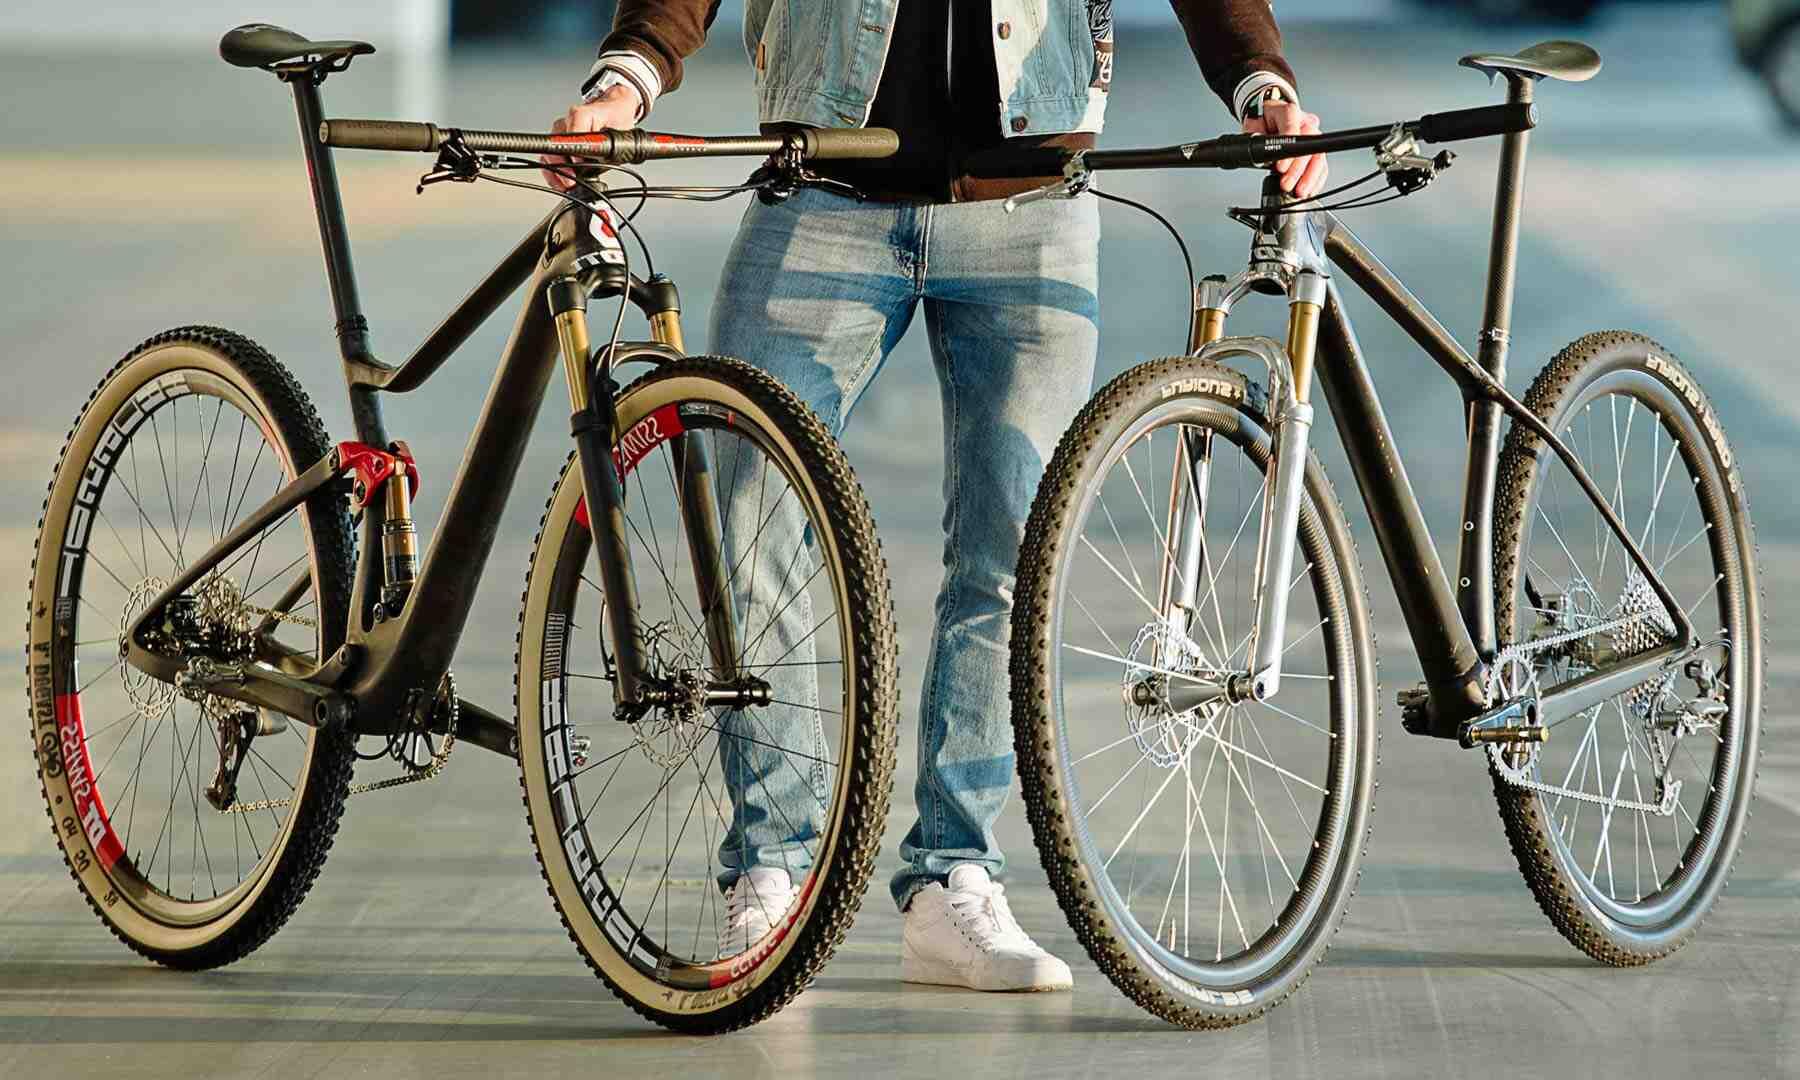 Quels sont les avantages et les inconvénients de l'utilisation du carbone pour les cadres de vélo ?